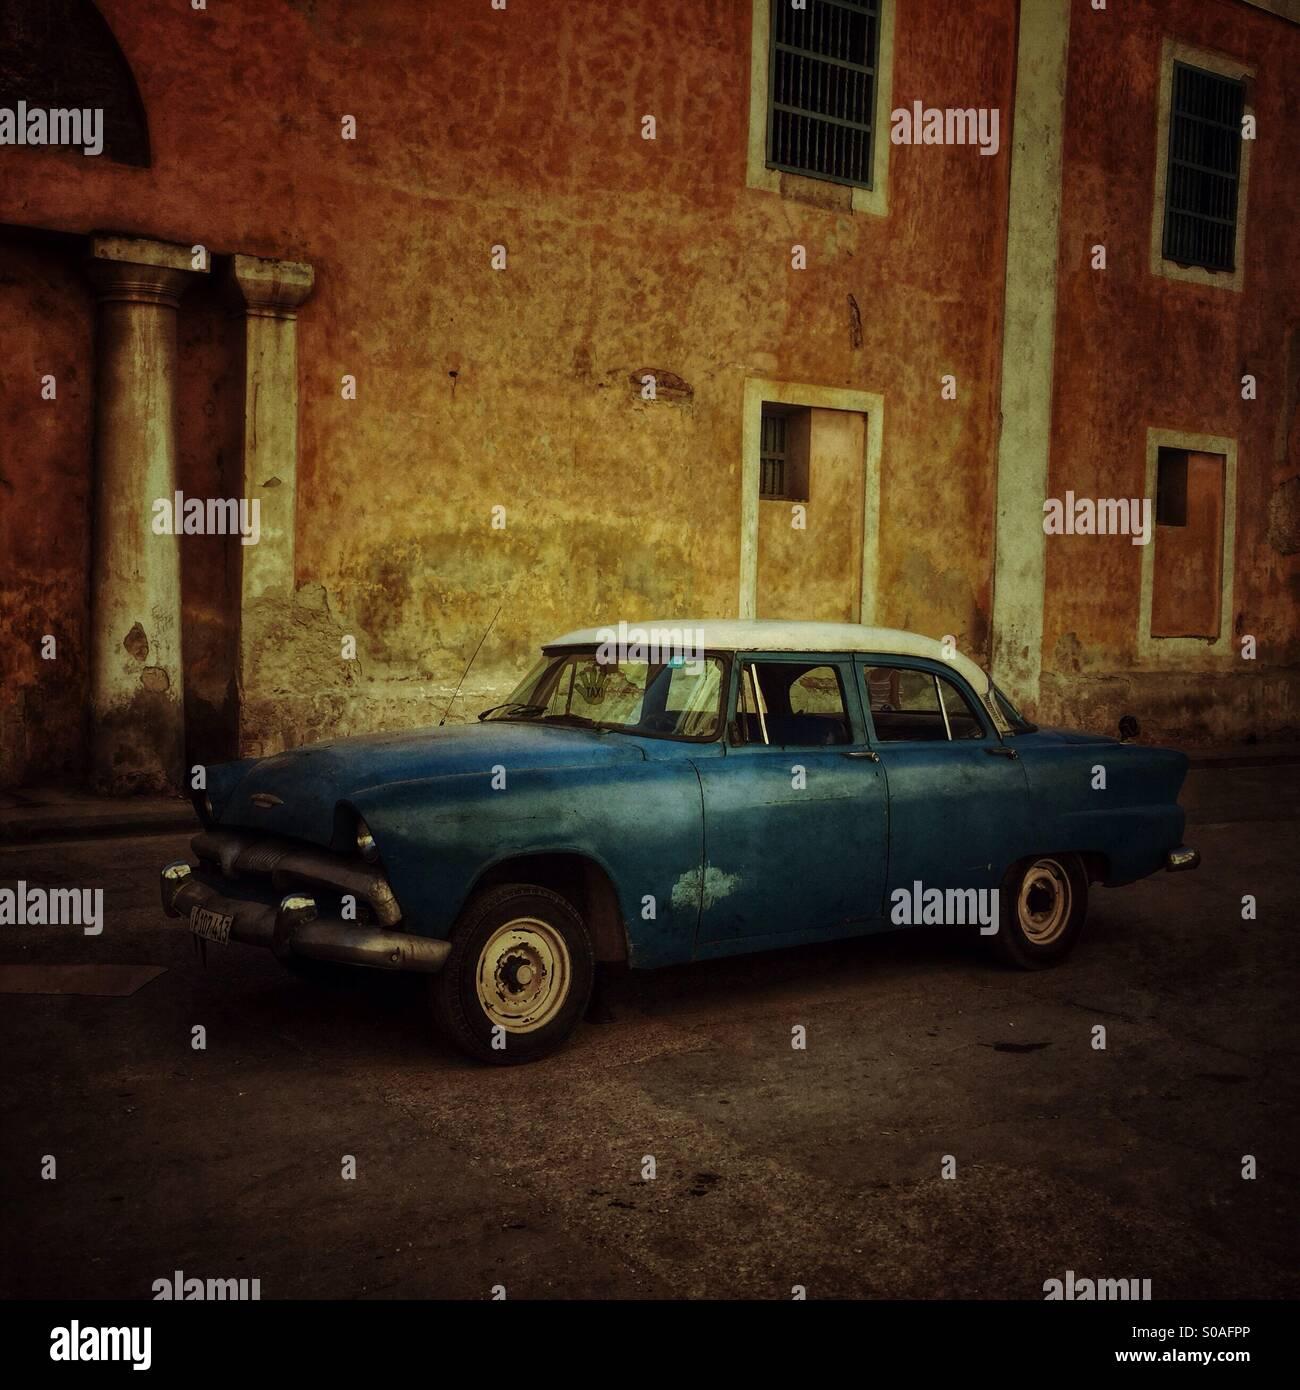 Blue vintage Kubanischen Auto in Habana Vieja geparkt. Havanna, Kuba. Stockbild